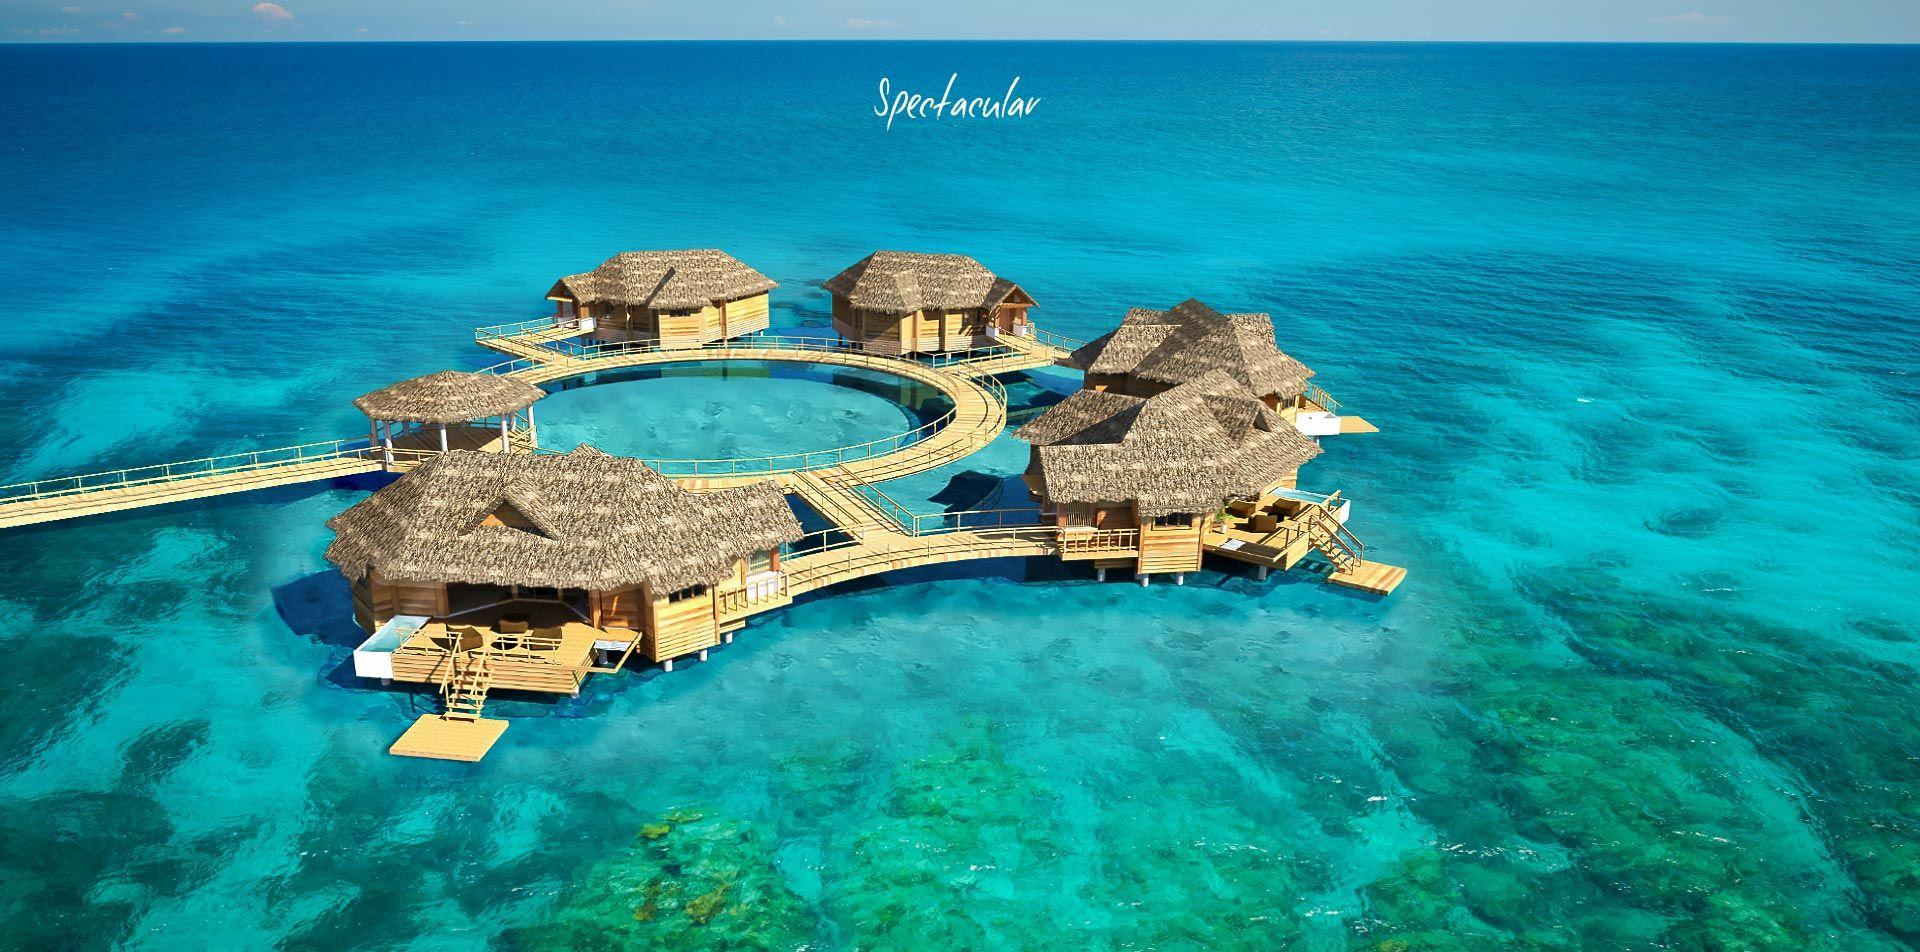 2bd404568f15 Sandals to Open Overwater Bungalow Suites in Jamaica